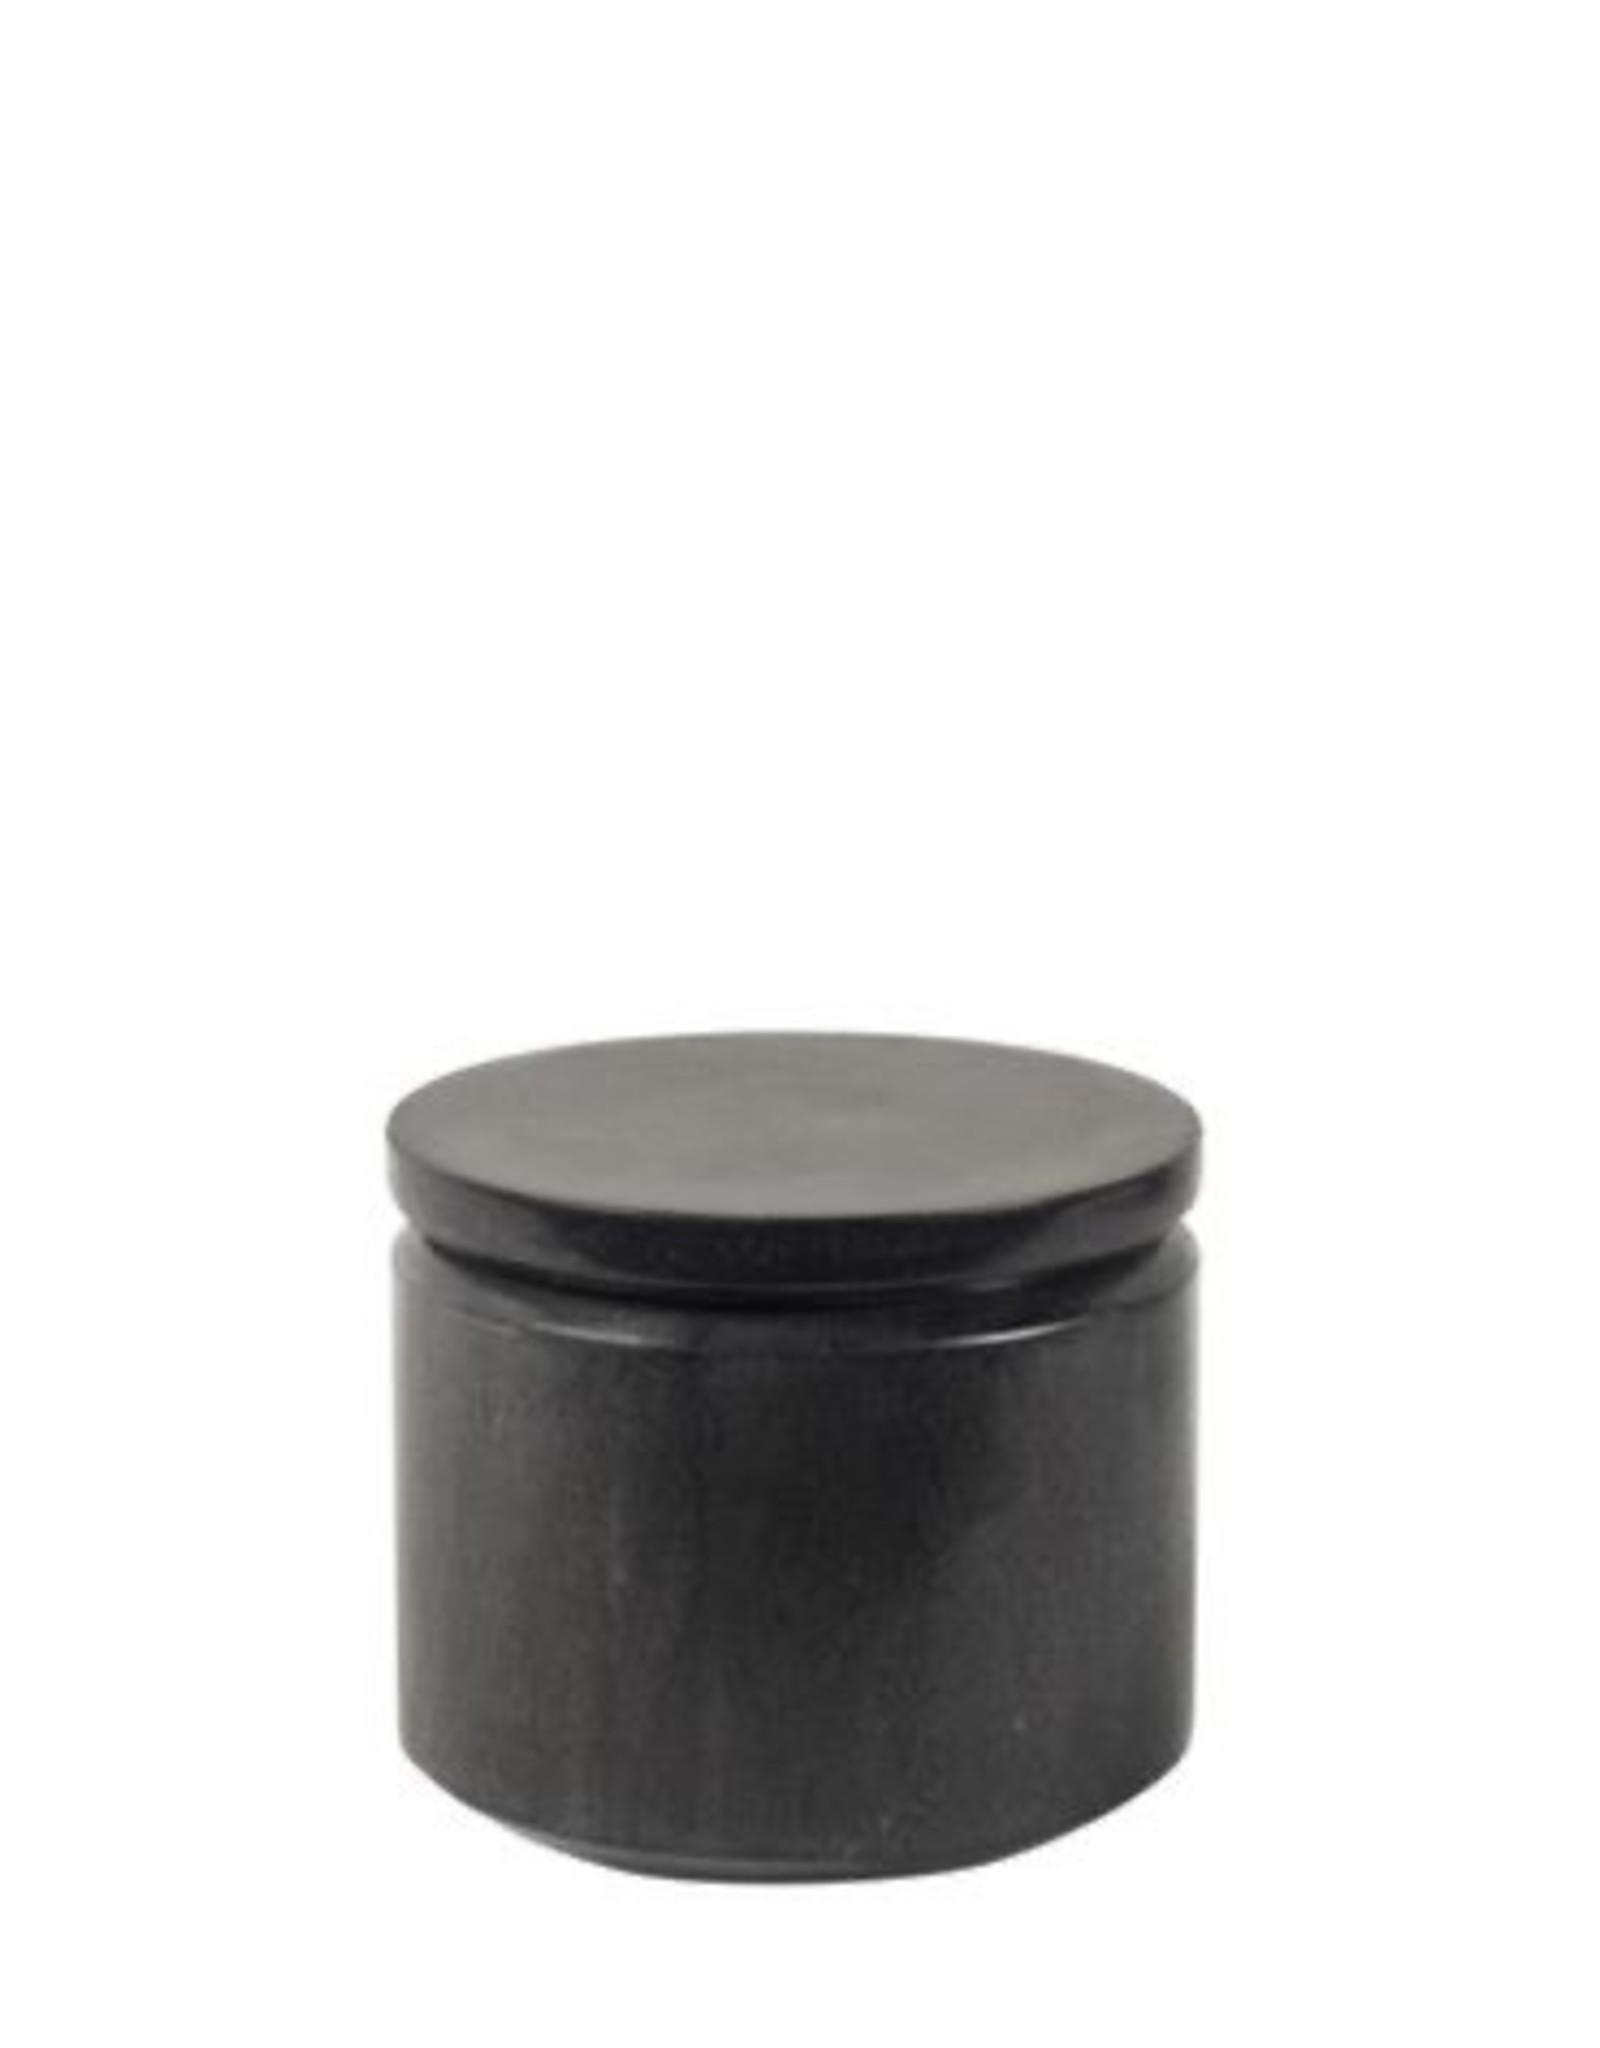 Horgans Black Marble Round Jar